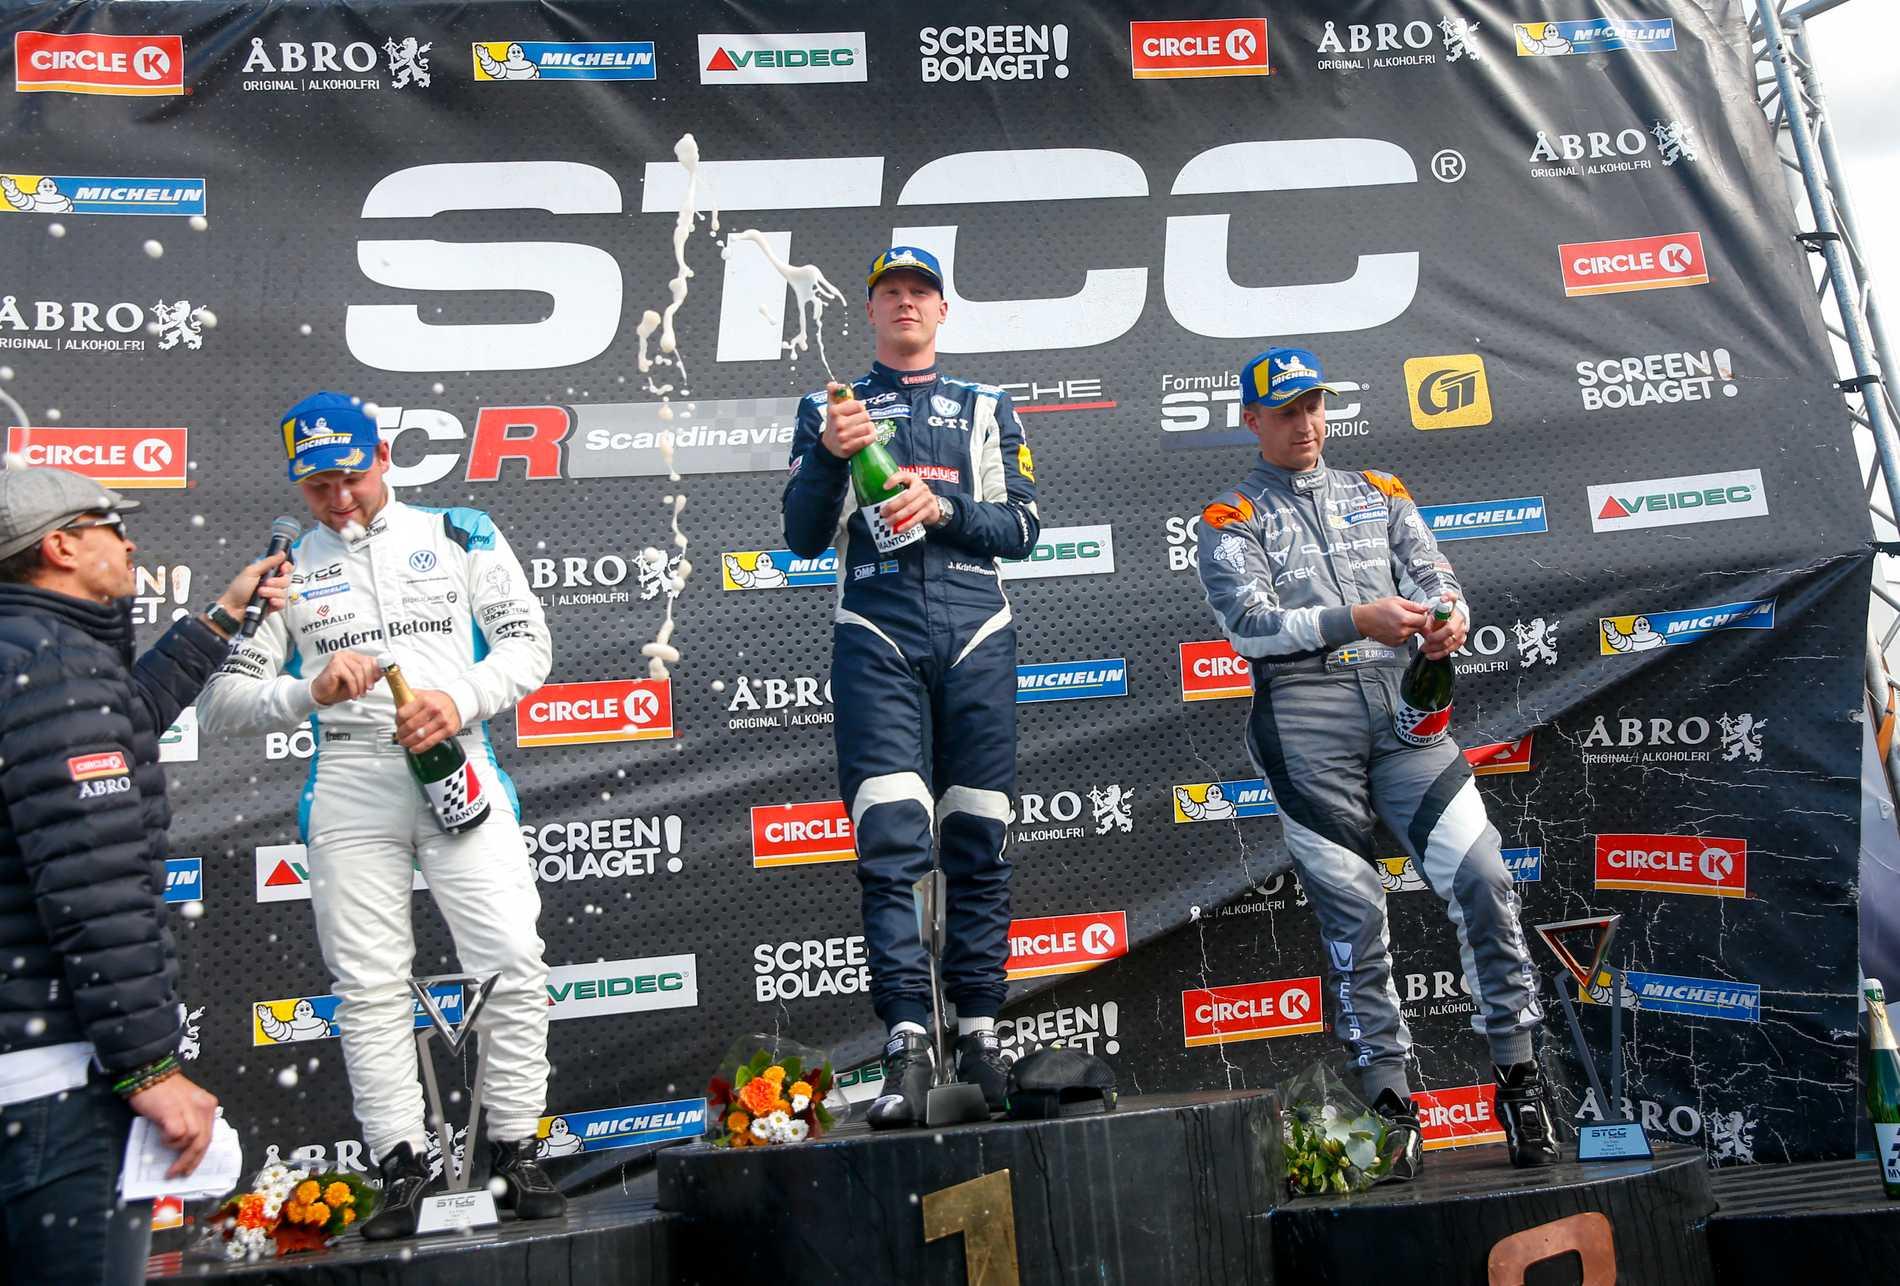 Johan Kristoffersson vann första heatet på Mantorp och blev mästare i STCC.